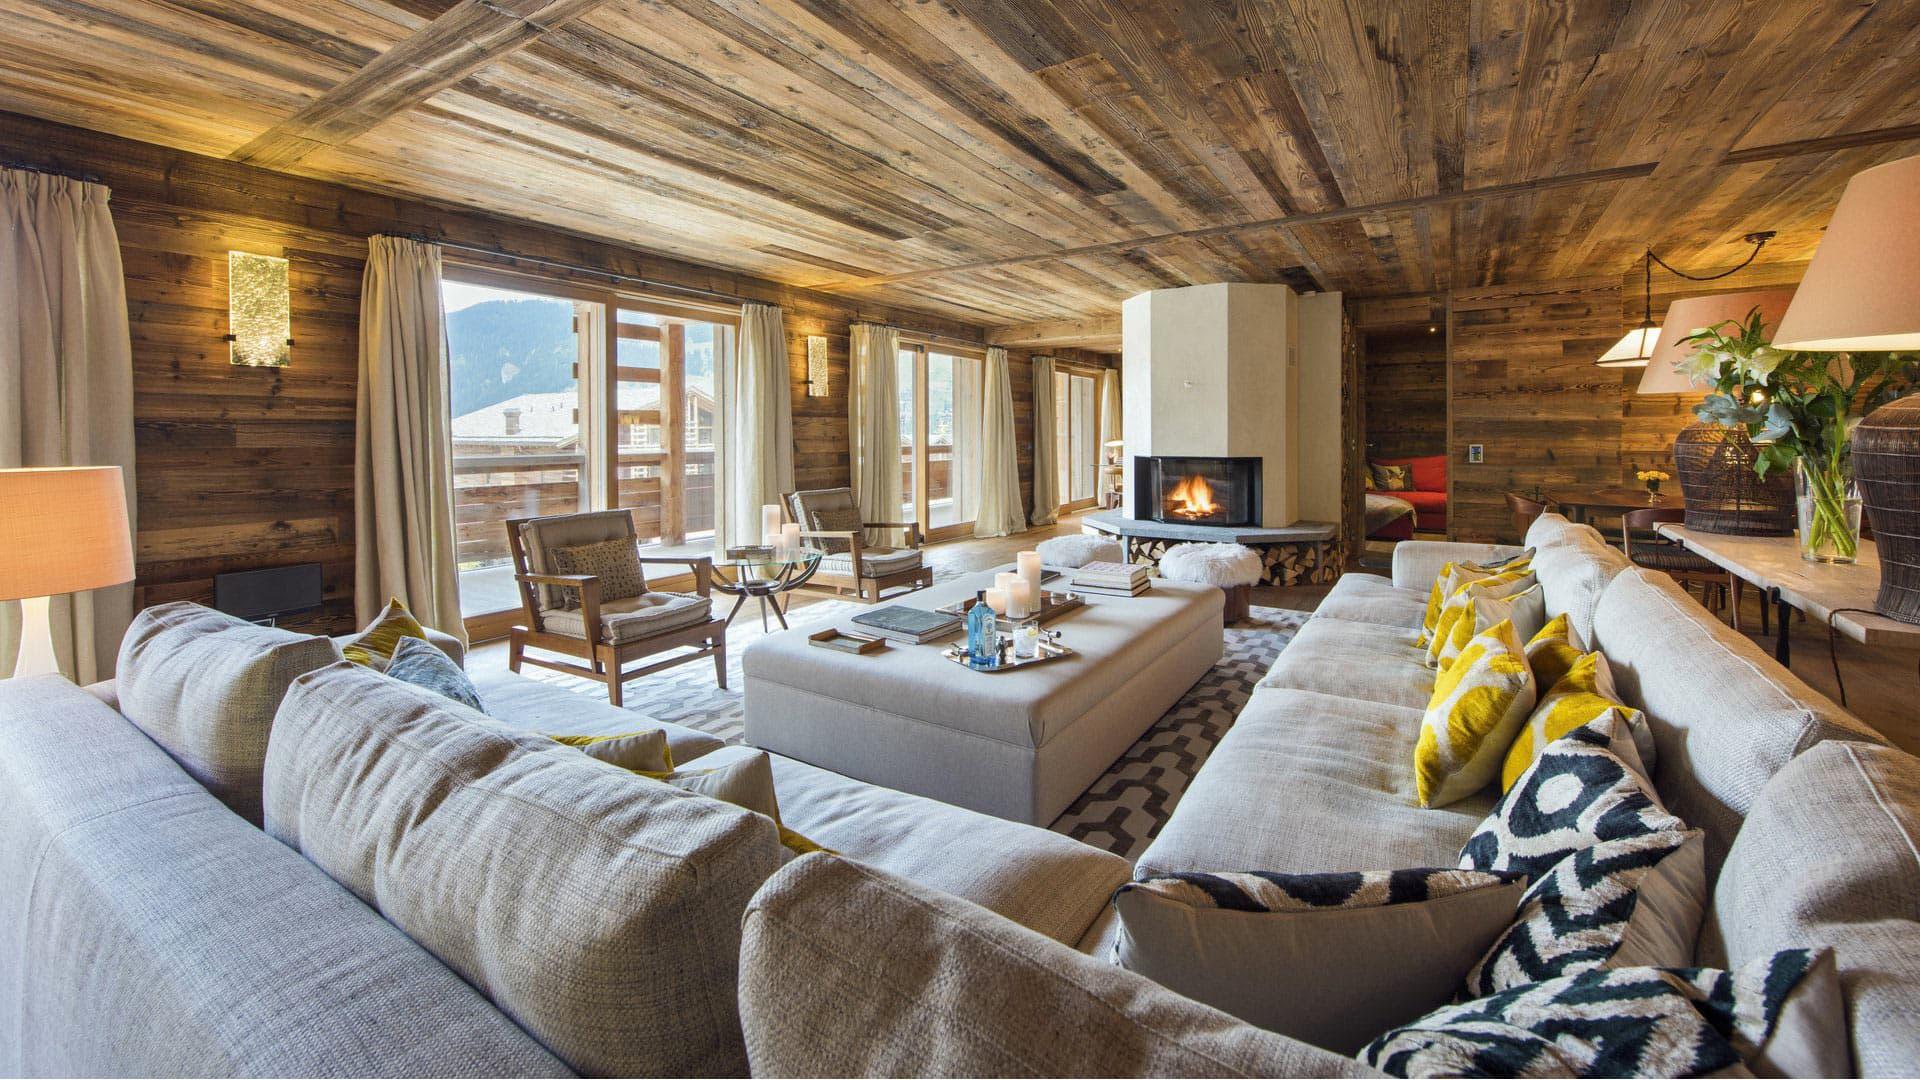 Villa Chalet Rustic, Location à Alpes suisses